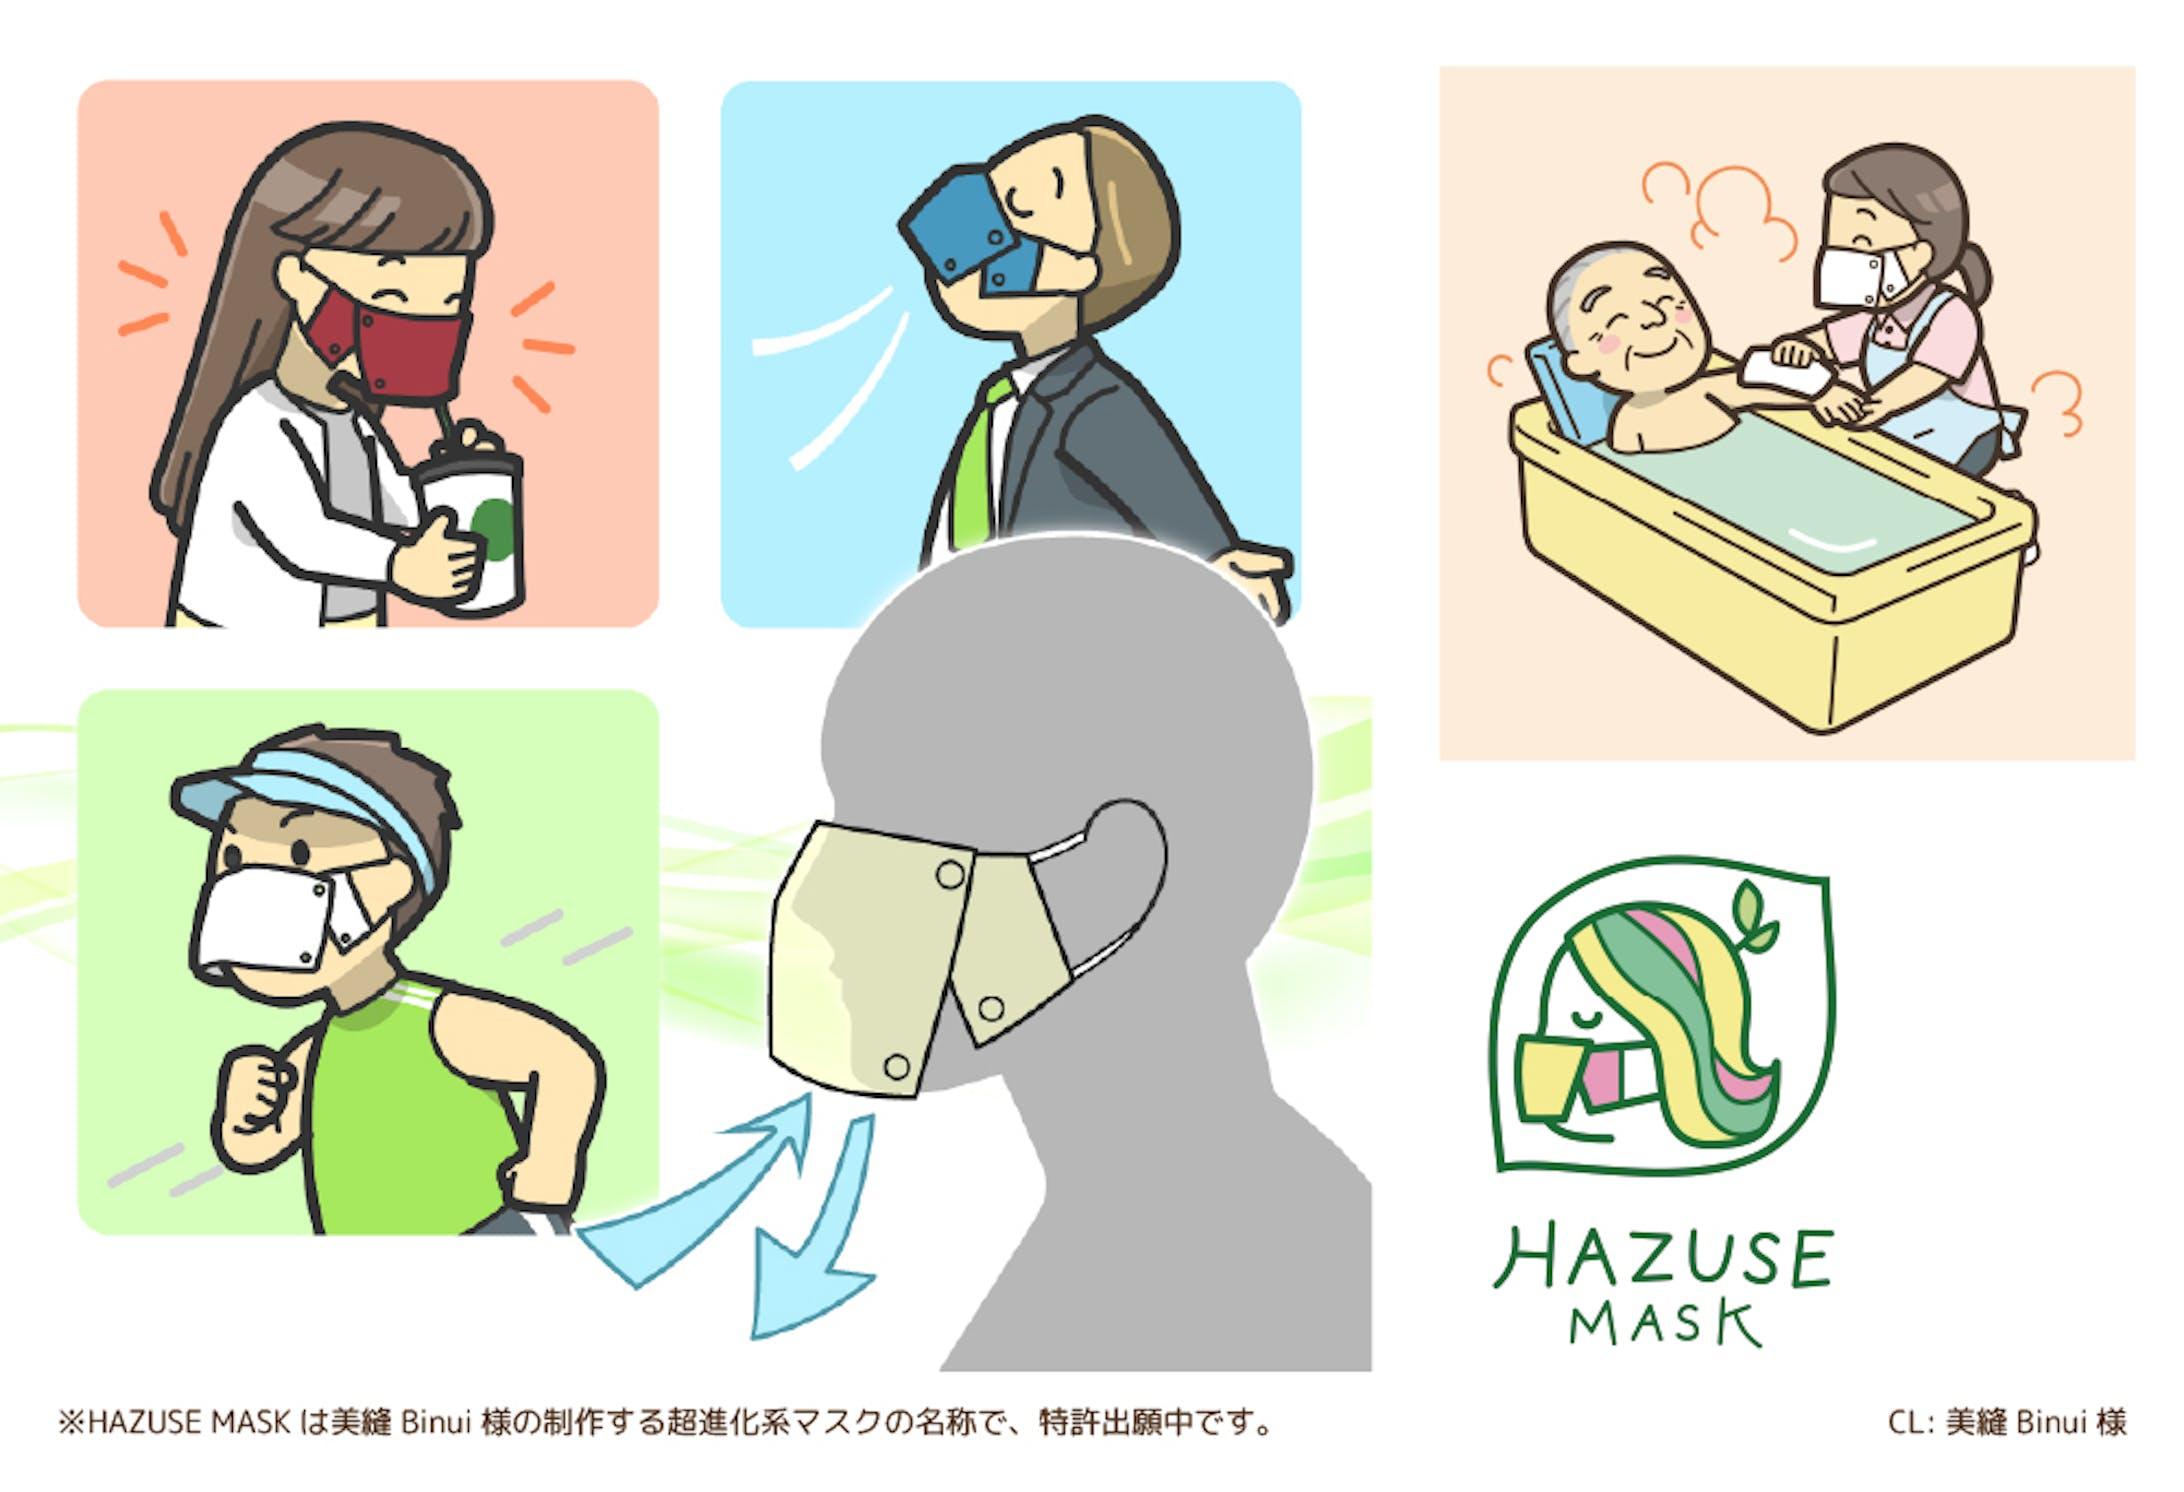 HAZUSE MASKプロモーション用イラスト-1